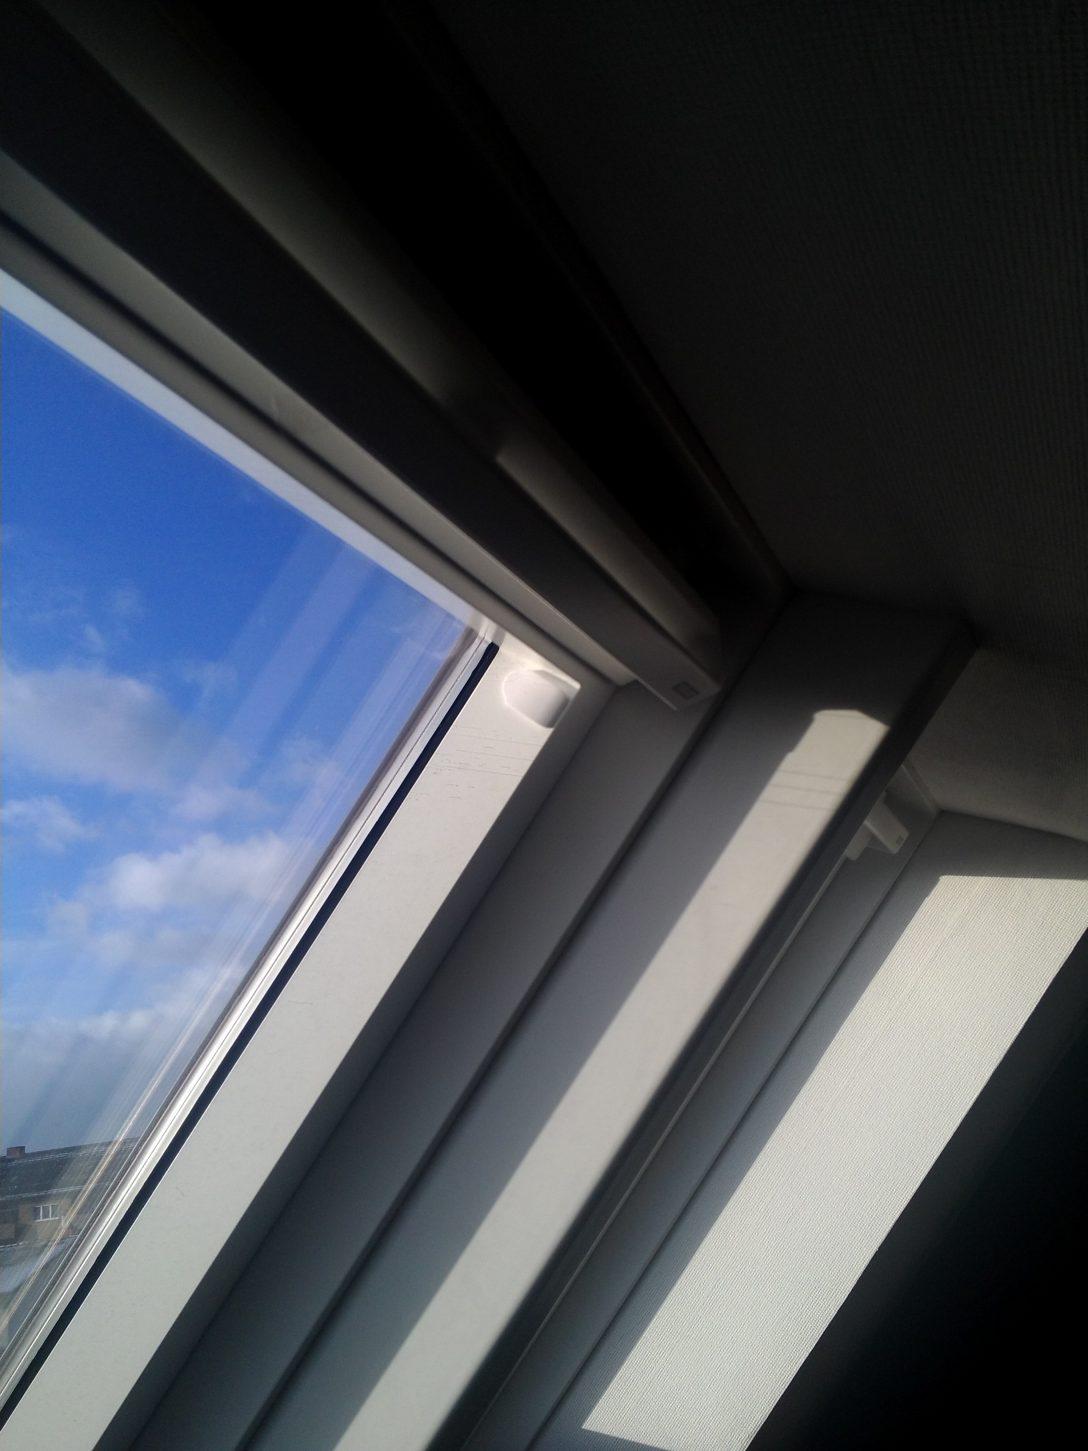 Large Size of Kunststoffteile In Velufenster Dachfenster Velux Fenster Rollo Dänische Günstig Betten Kaufen Einbruchschutz Folie Dreh Kipp Preisvergleich Runde Neue Fenster Velux Fenster Kaufen